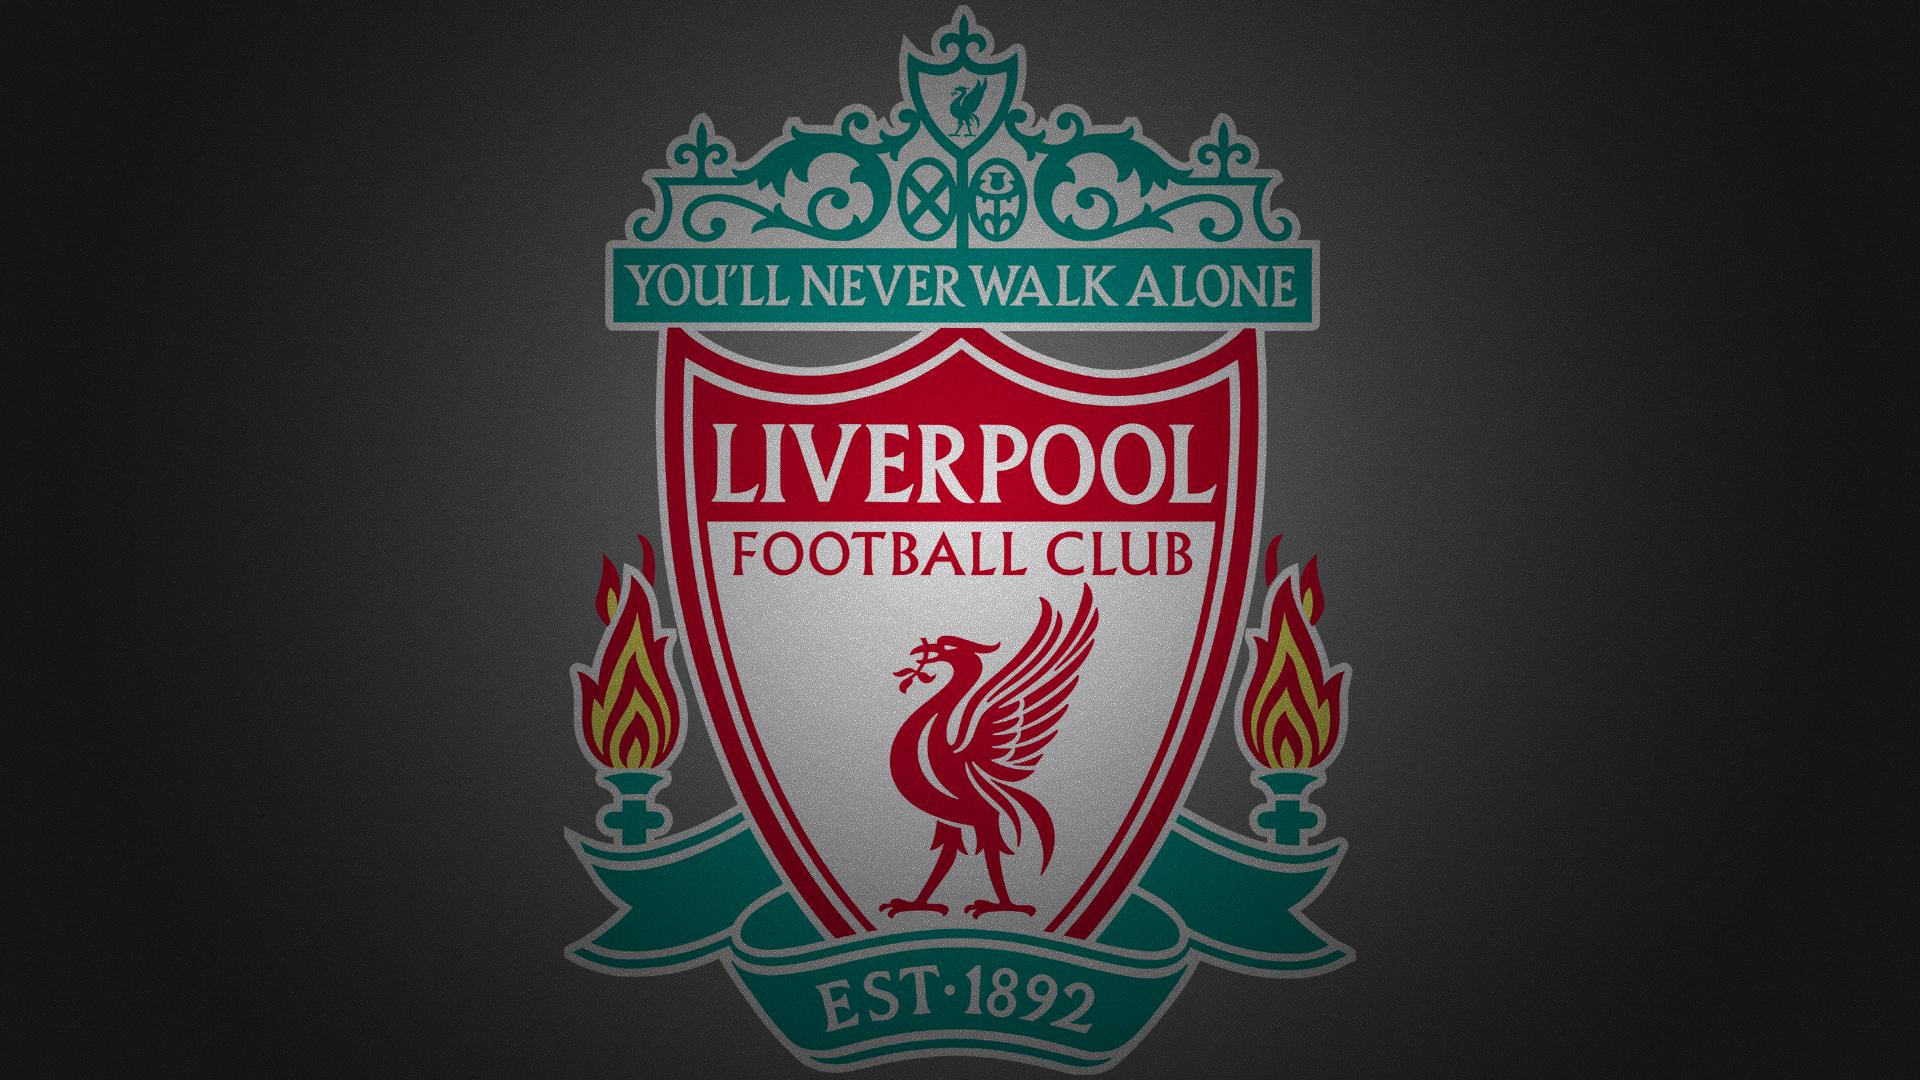 Liverpool Fc Hd Logo Wallpaper Full Hd Liverpool Wallpaper 2018 1920x1080 Download Hd Wallpaper Wallpapertip